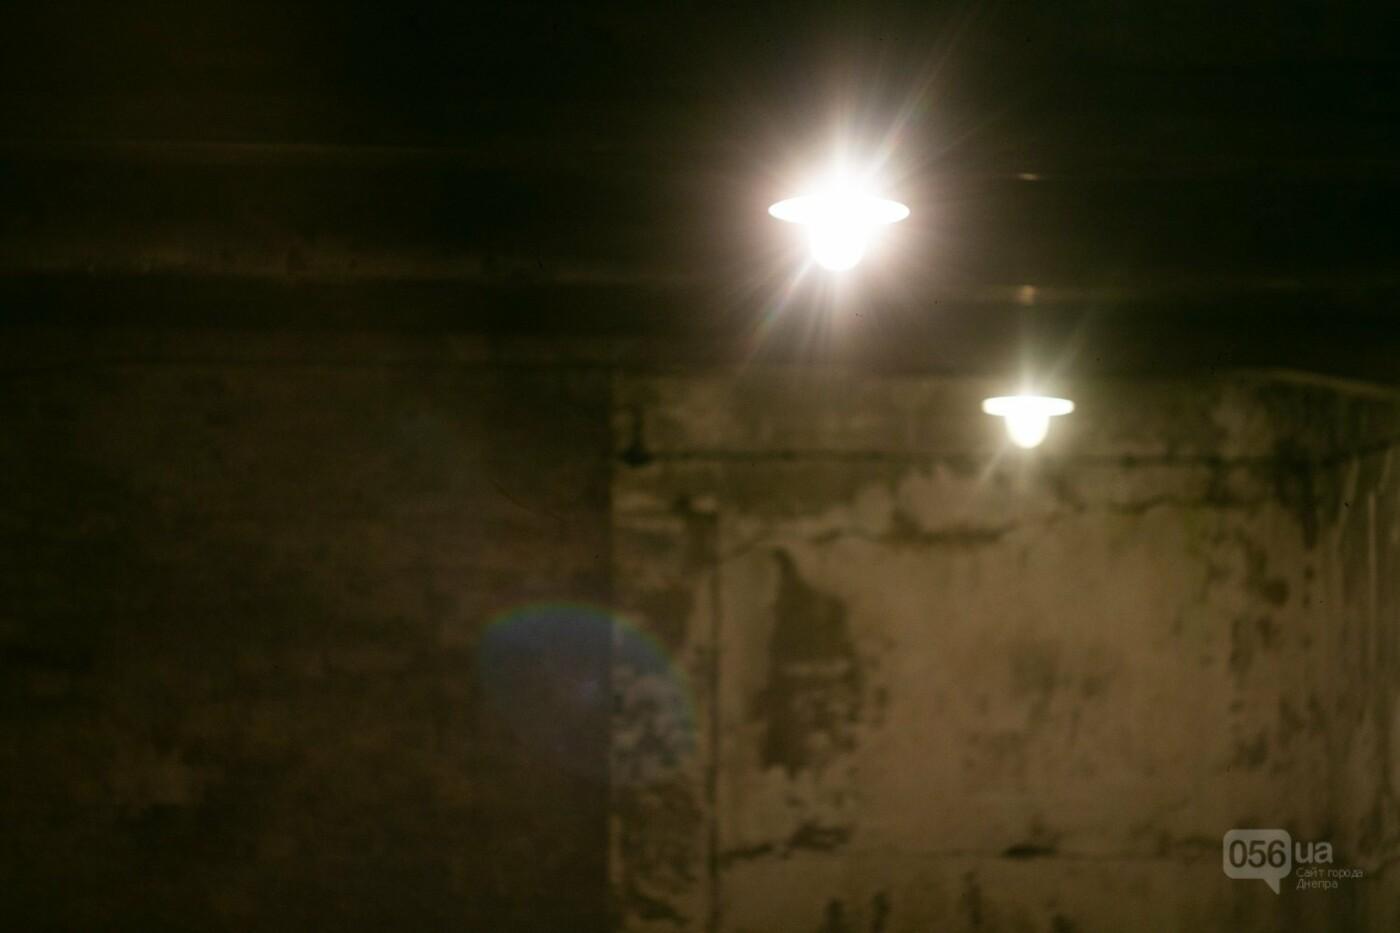 Приехать в Польшу и влюбиться, часть 1: мини-гайд по Кракову о жилье, транспорте и развлечениях, и экскурсия в Аушвиц-Биркенау , - ФОТО, фото-35